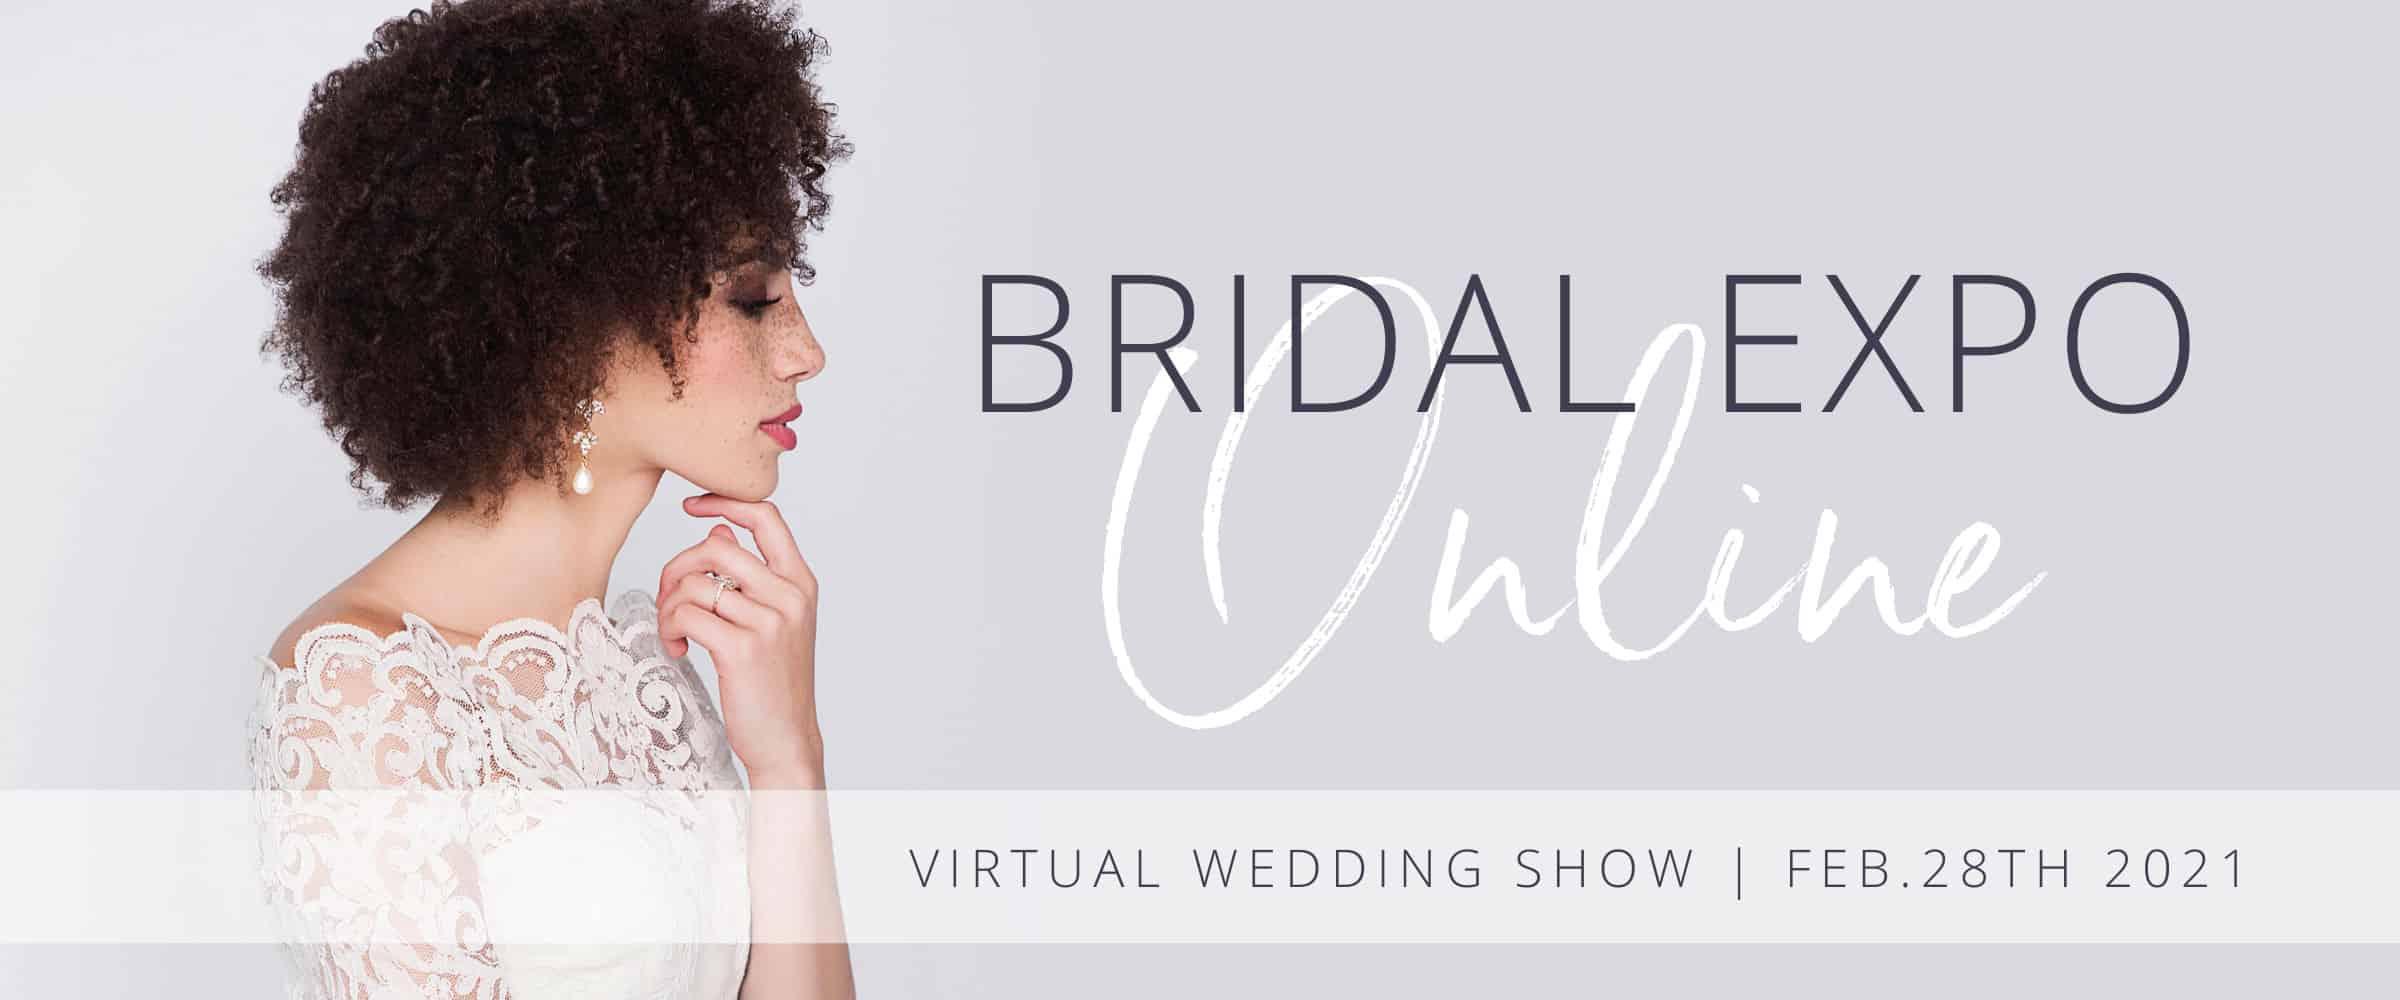 Bridal Expo Calgary